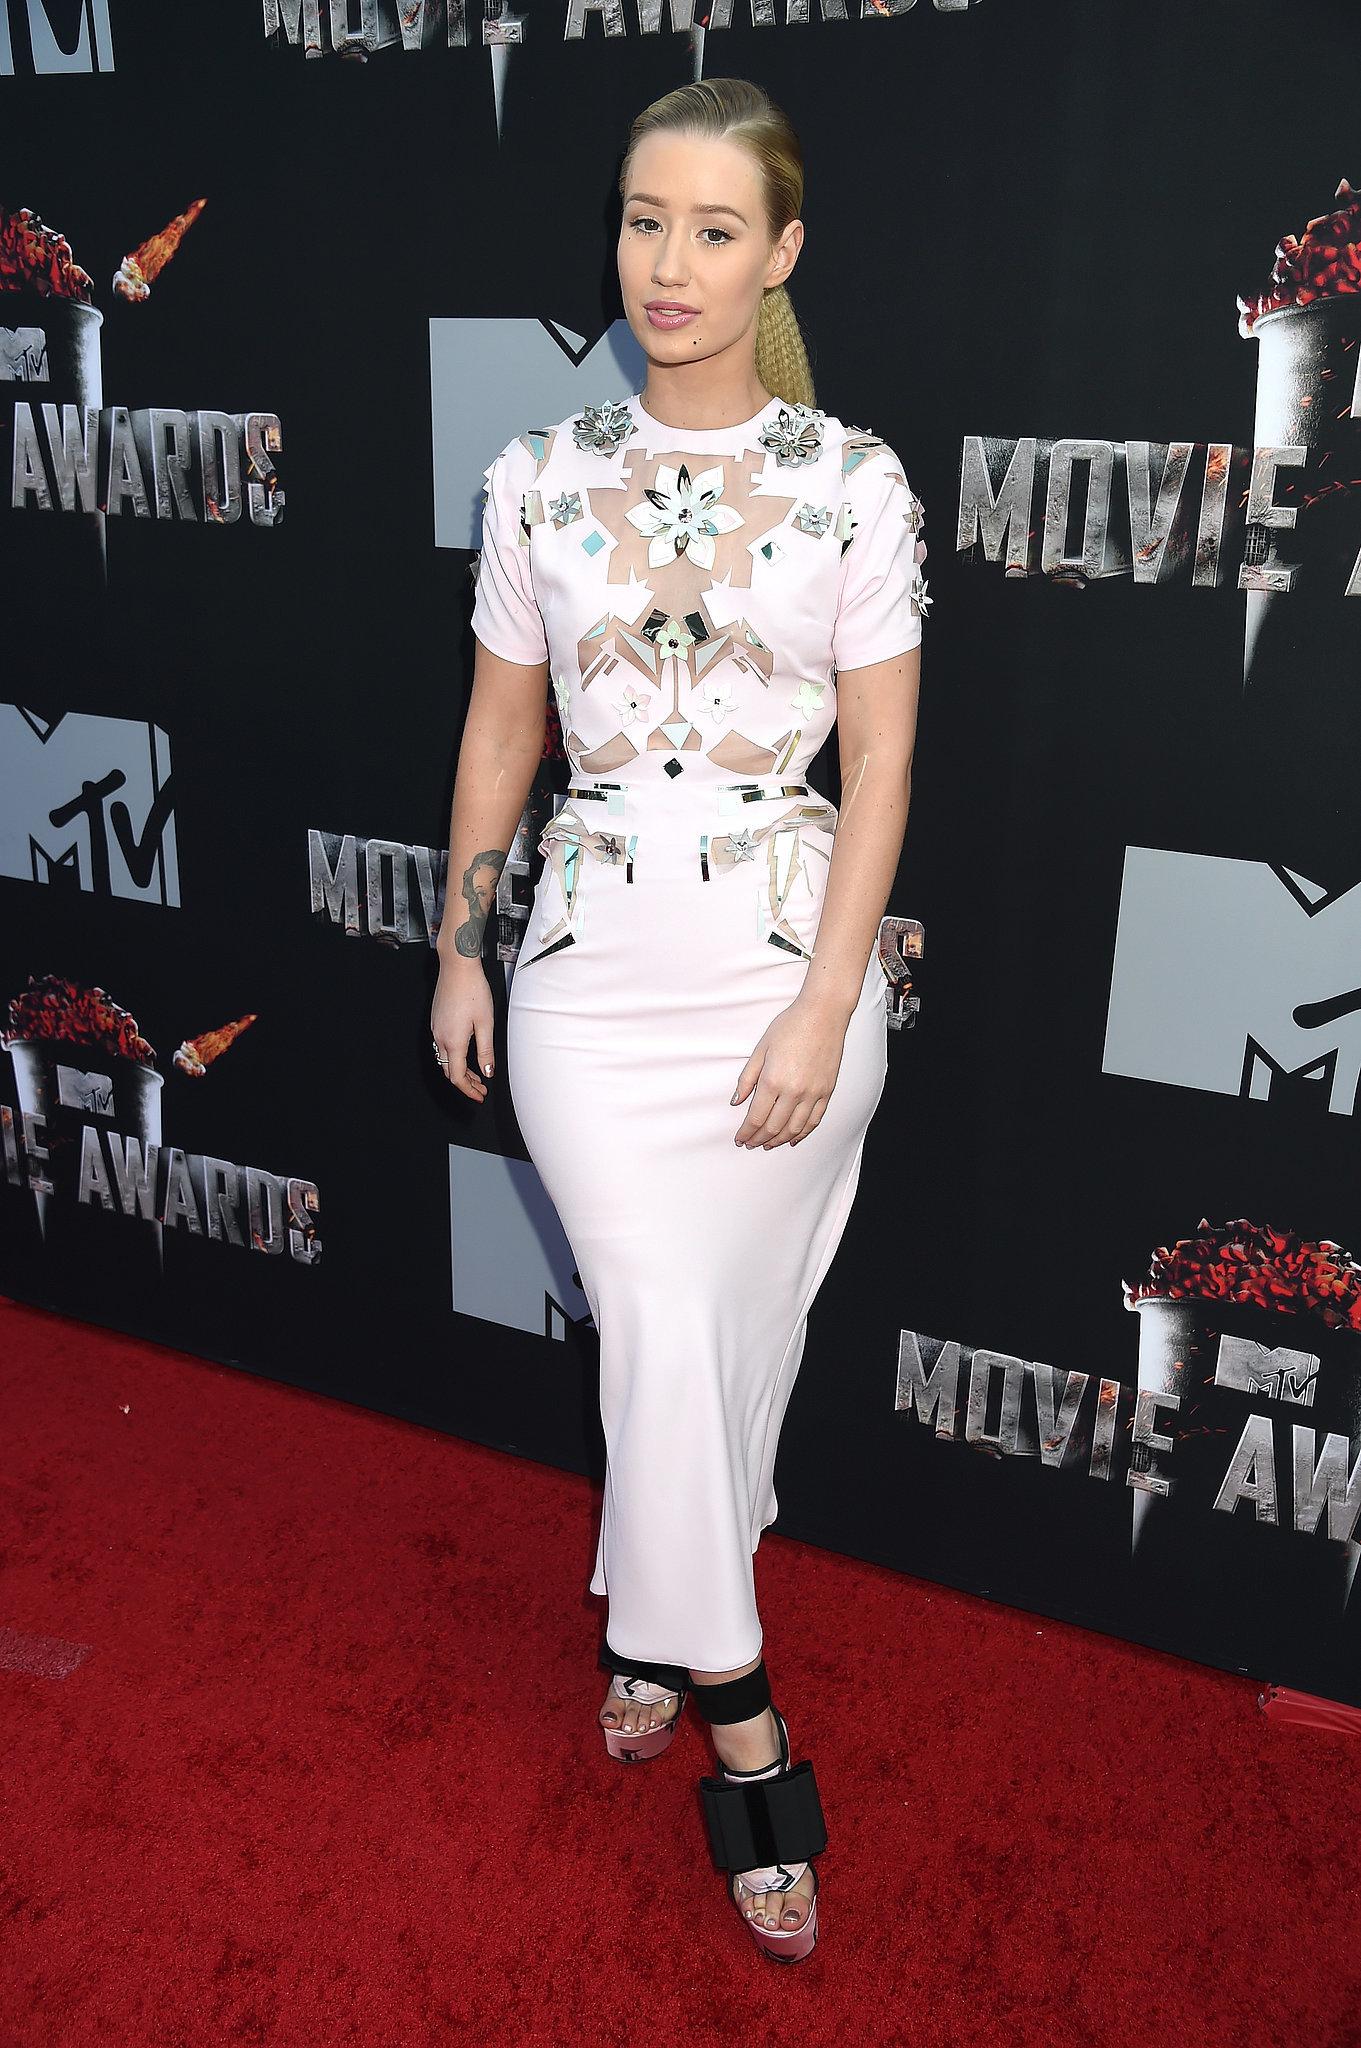 Iggy Azalea at the 2014 MTV Movie Awards